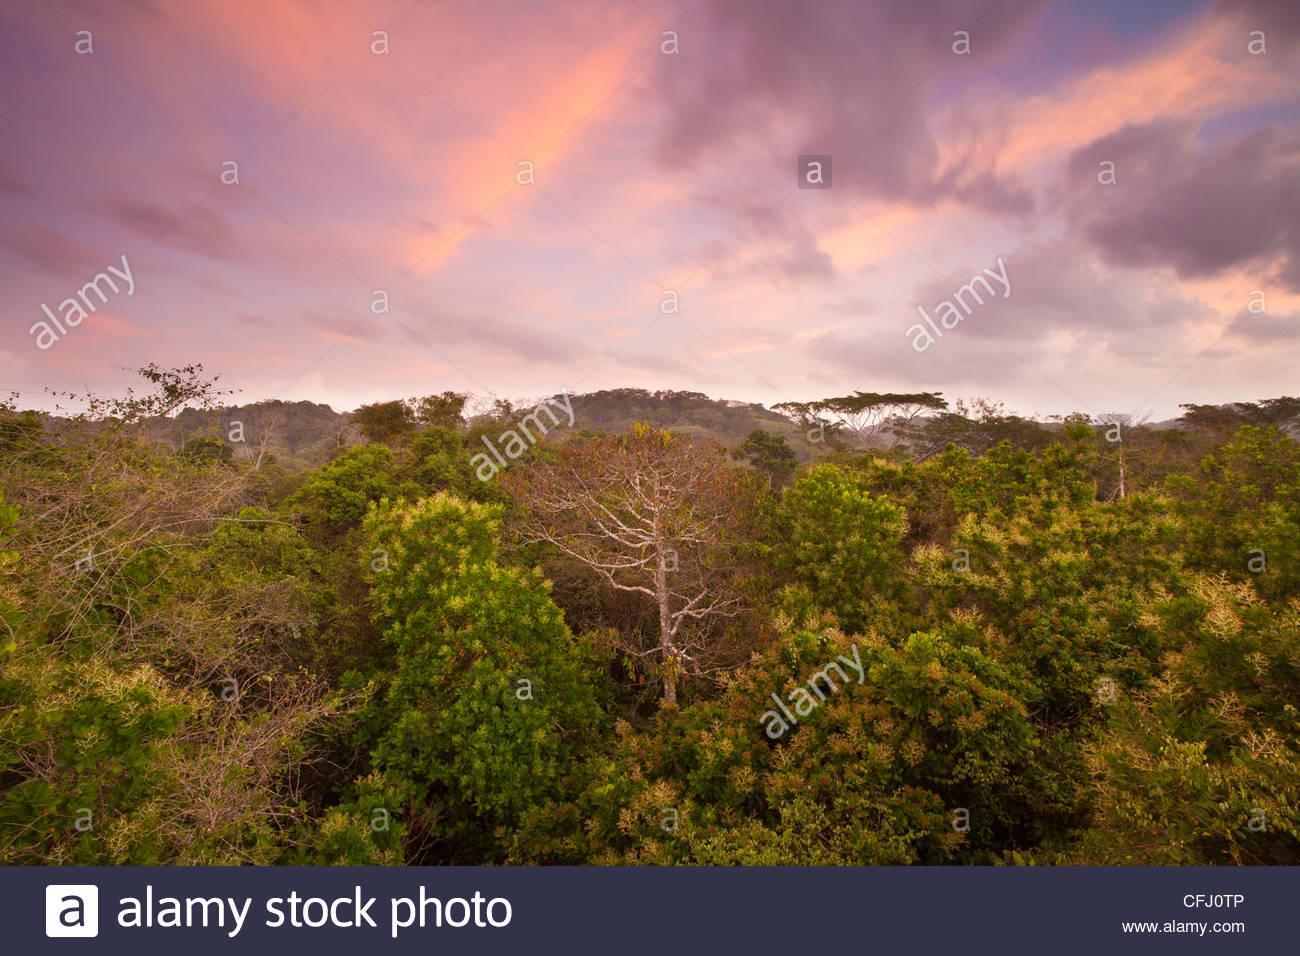 Amanecer en la selva del Parque nacional Soberanía, República de Panamá. Imagen De Stock